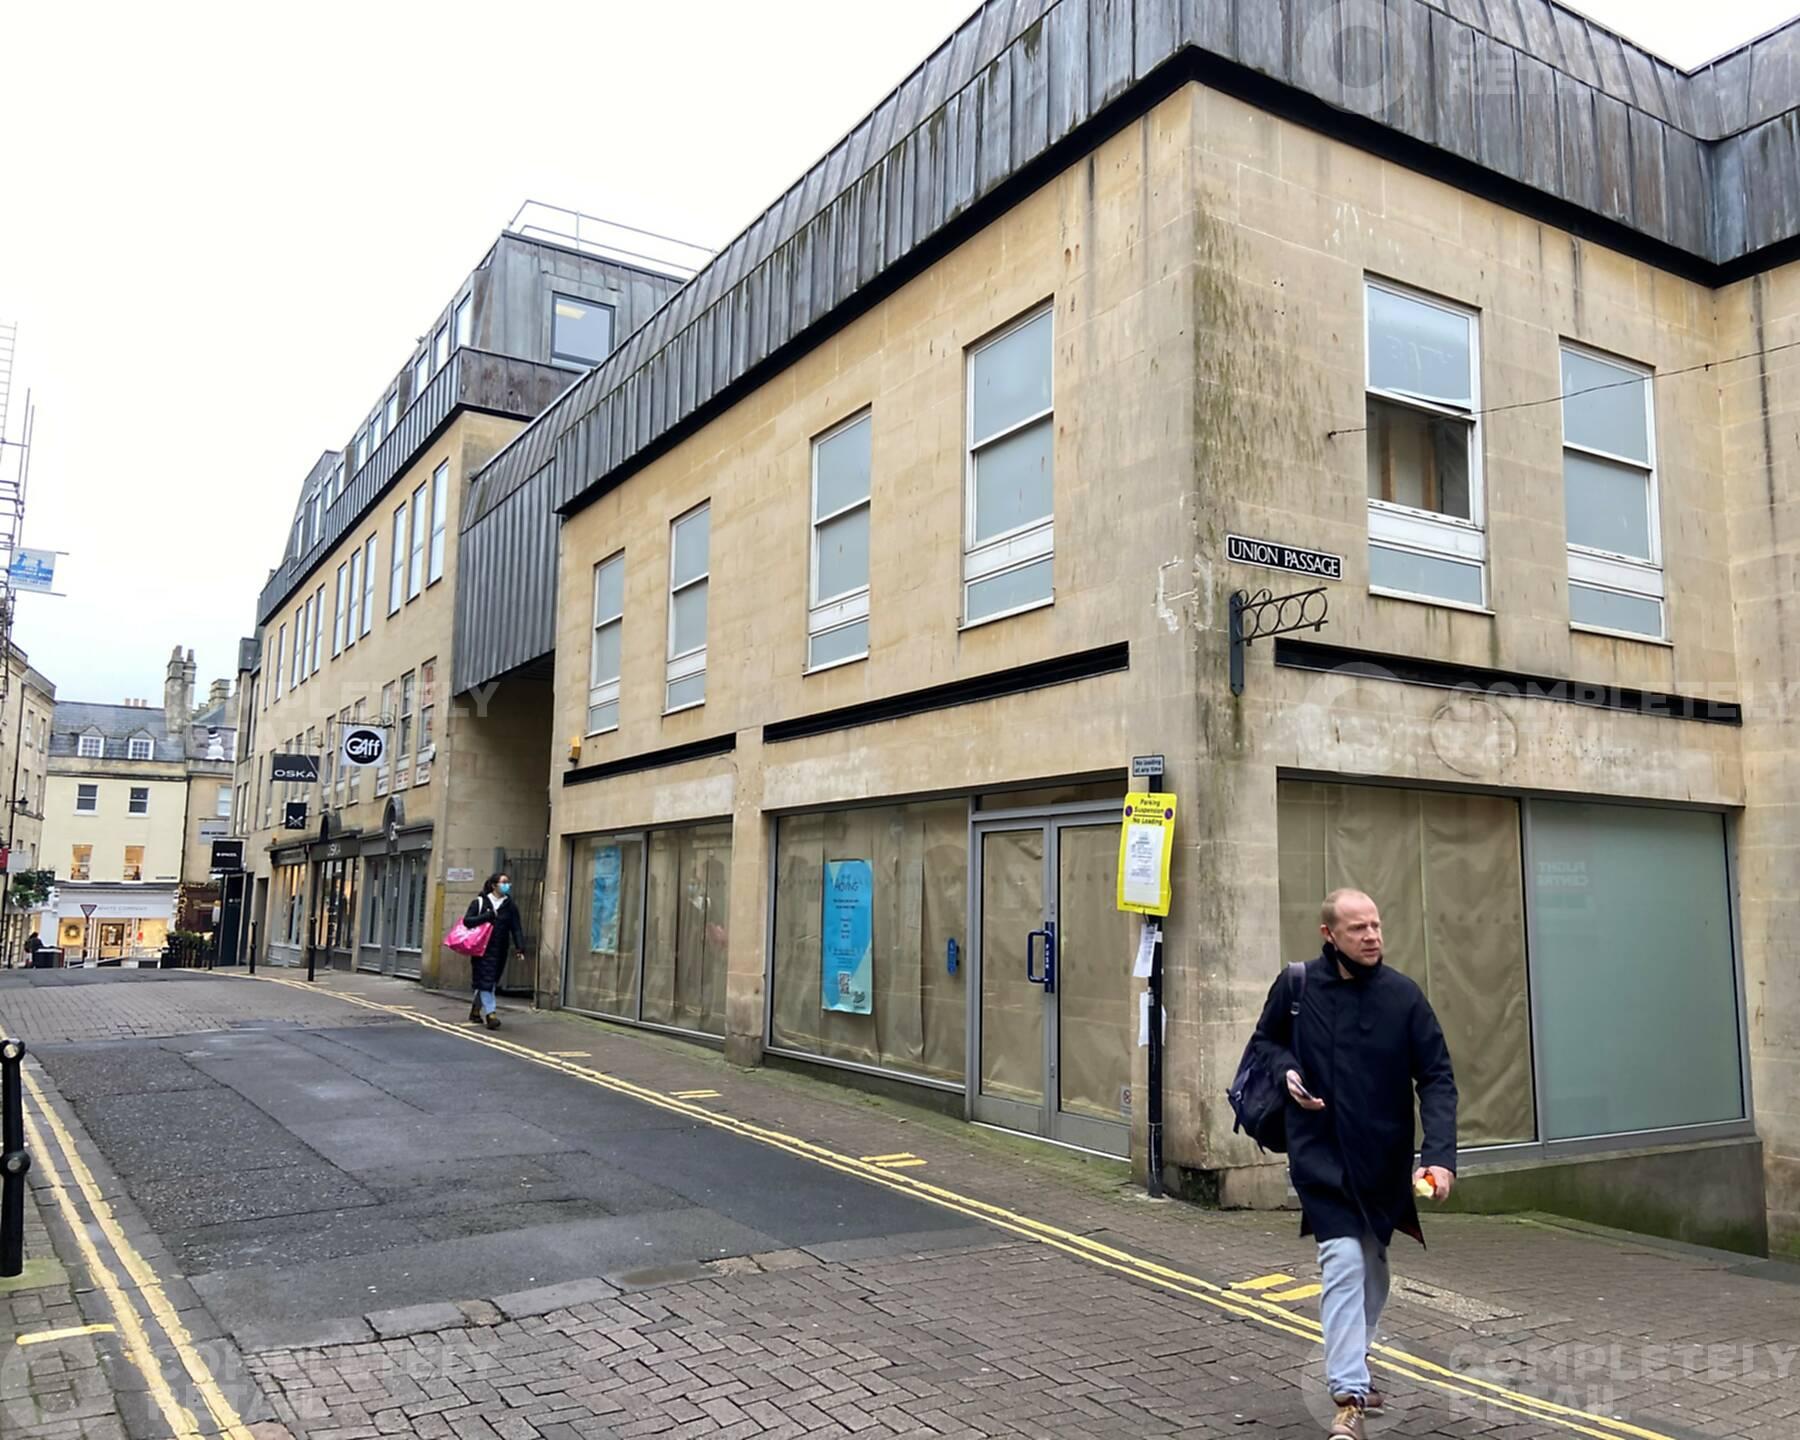 28 Upper Borough Walls, Bath